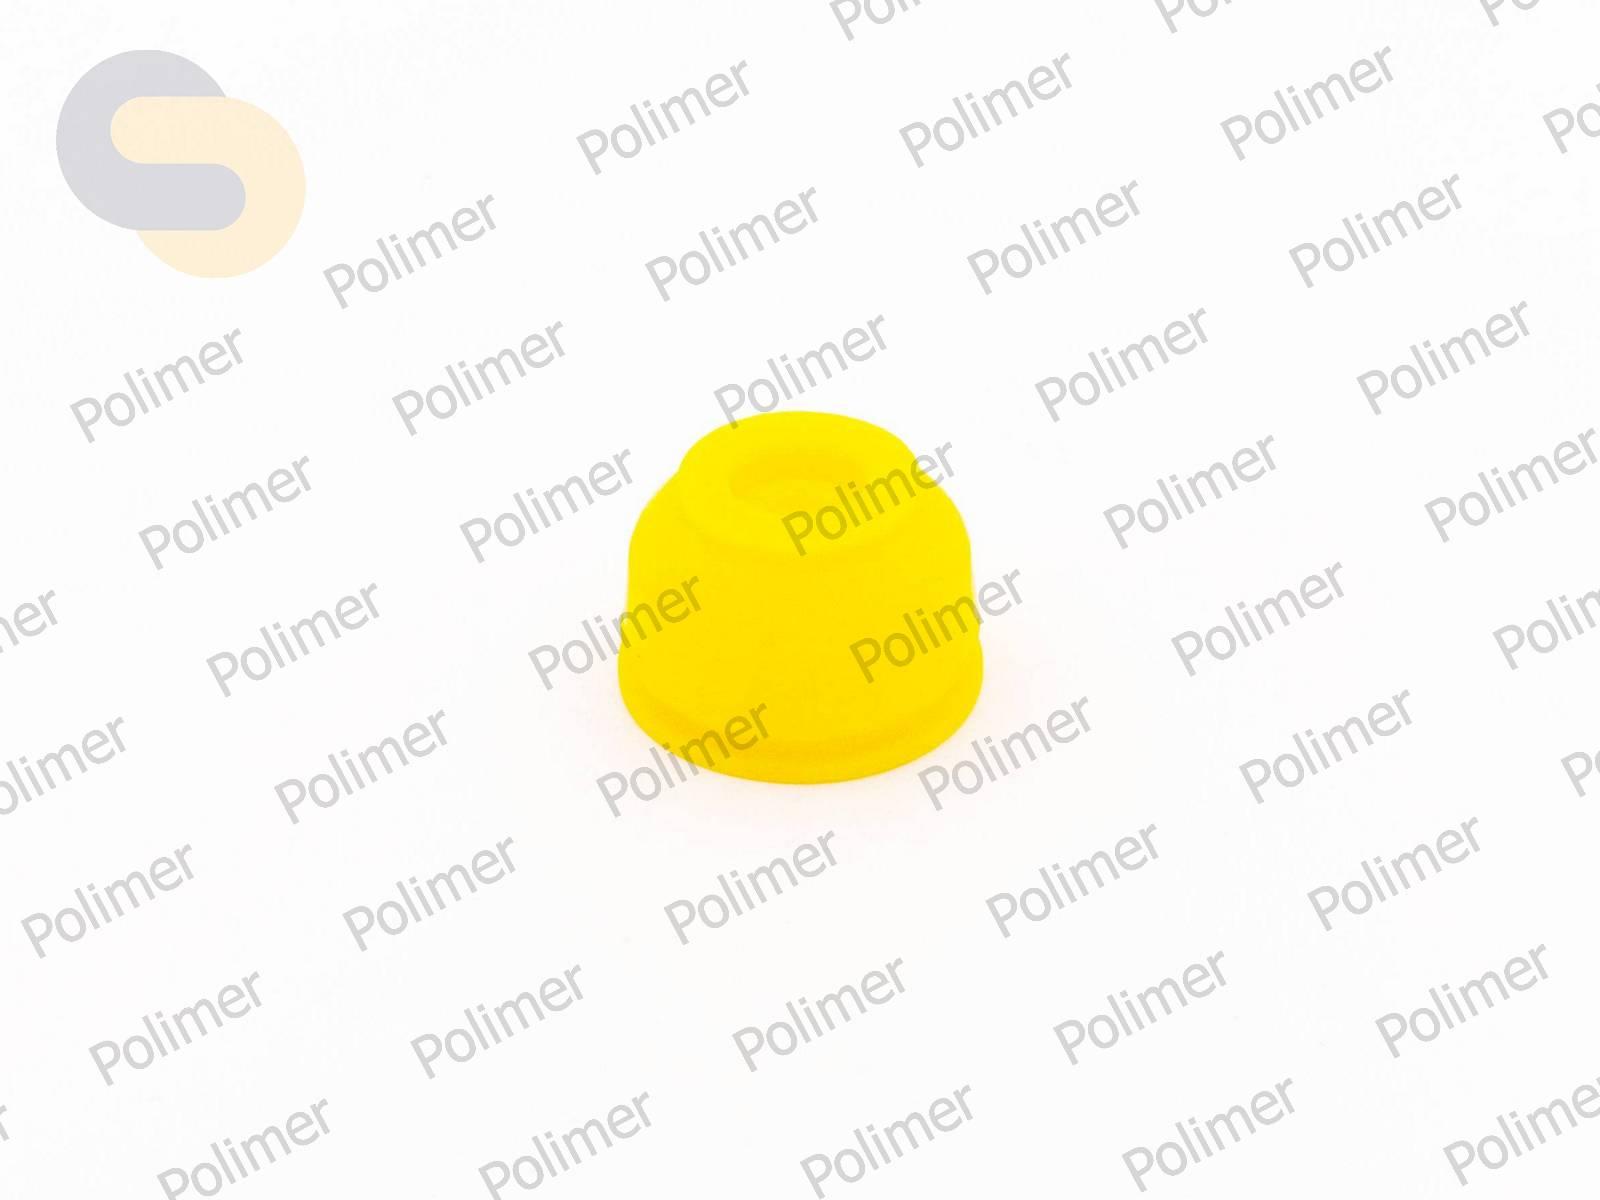 Полиуретановый пыльник шаровой опоры 15Х32Х25 переднего нижнего рычага